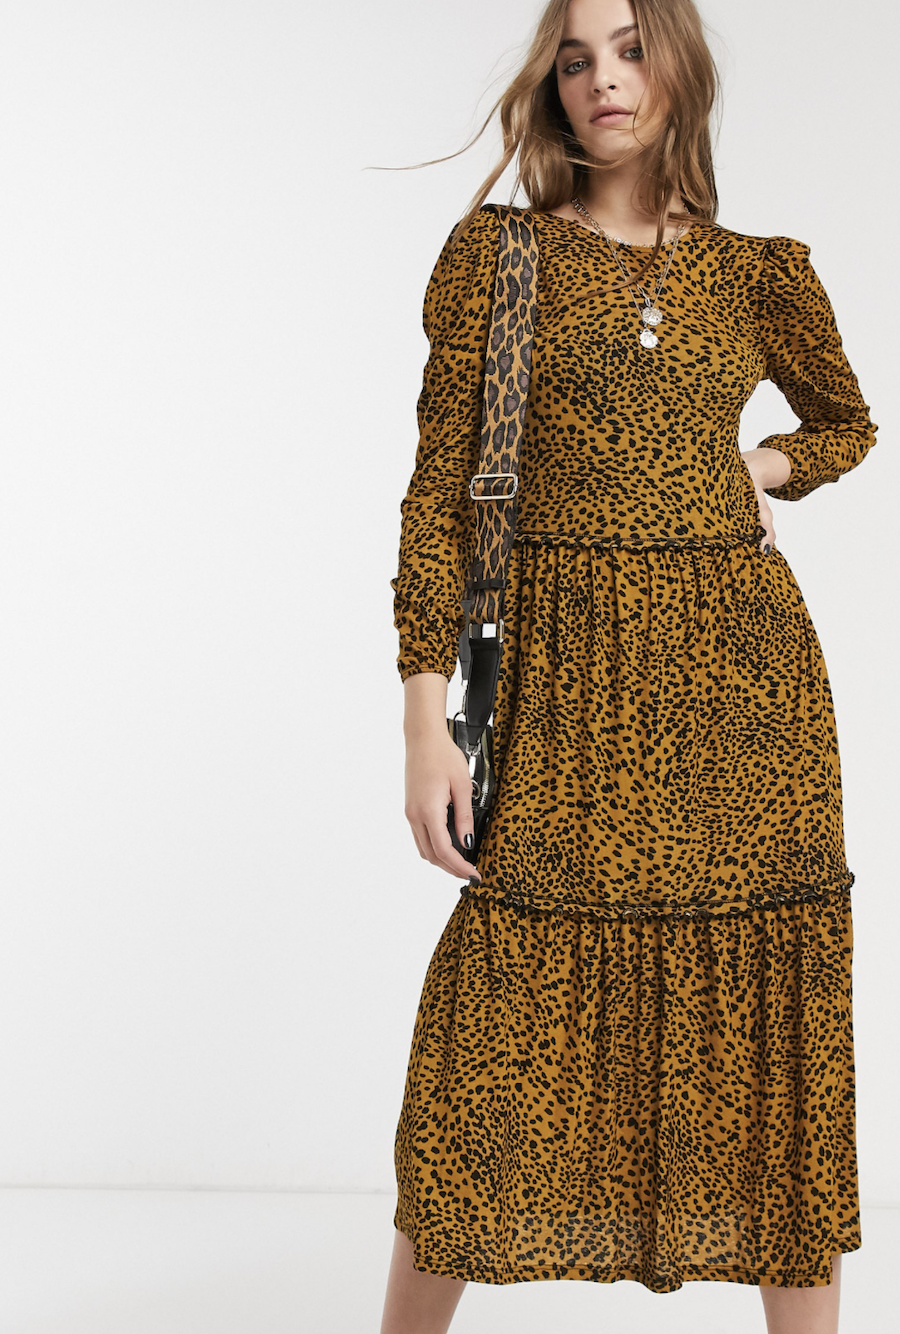 Vestido amplio con diseño escalonado y estampado animal en mostaza de Topshop